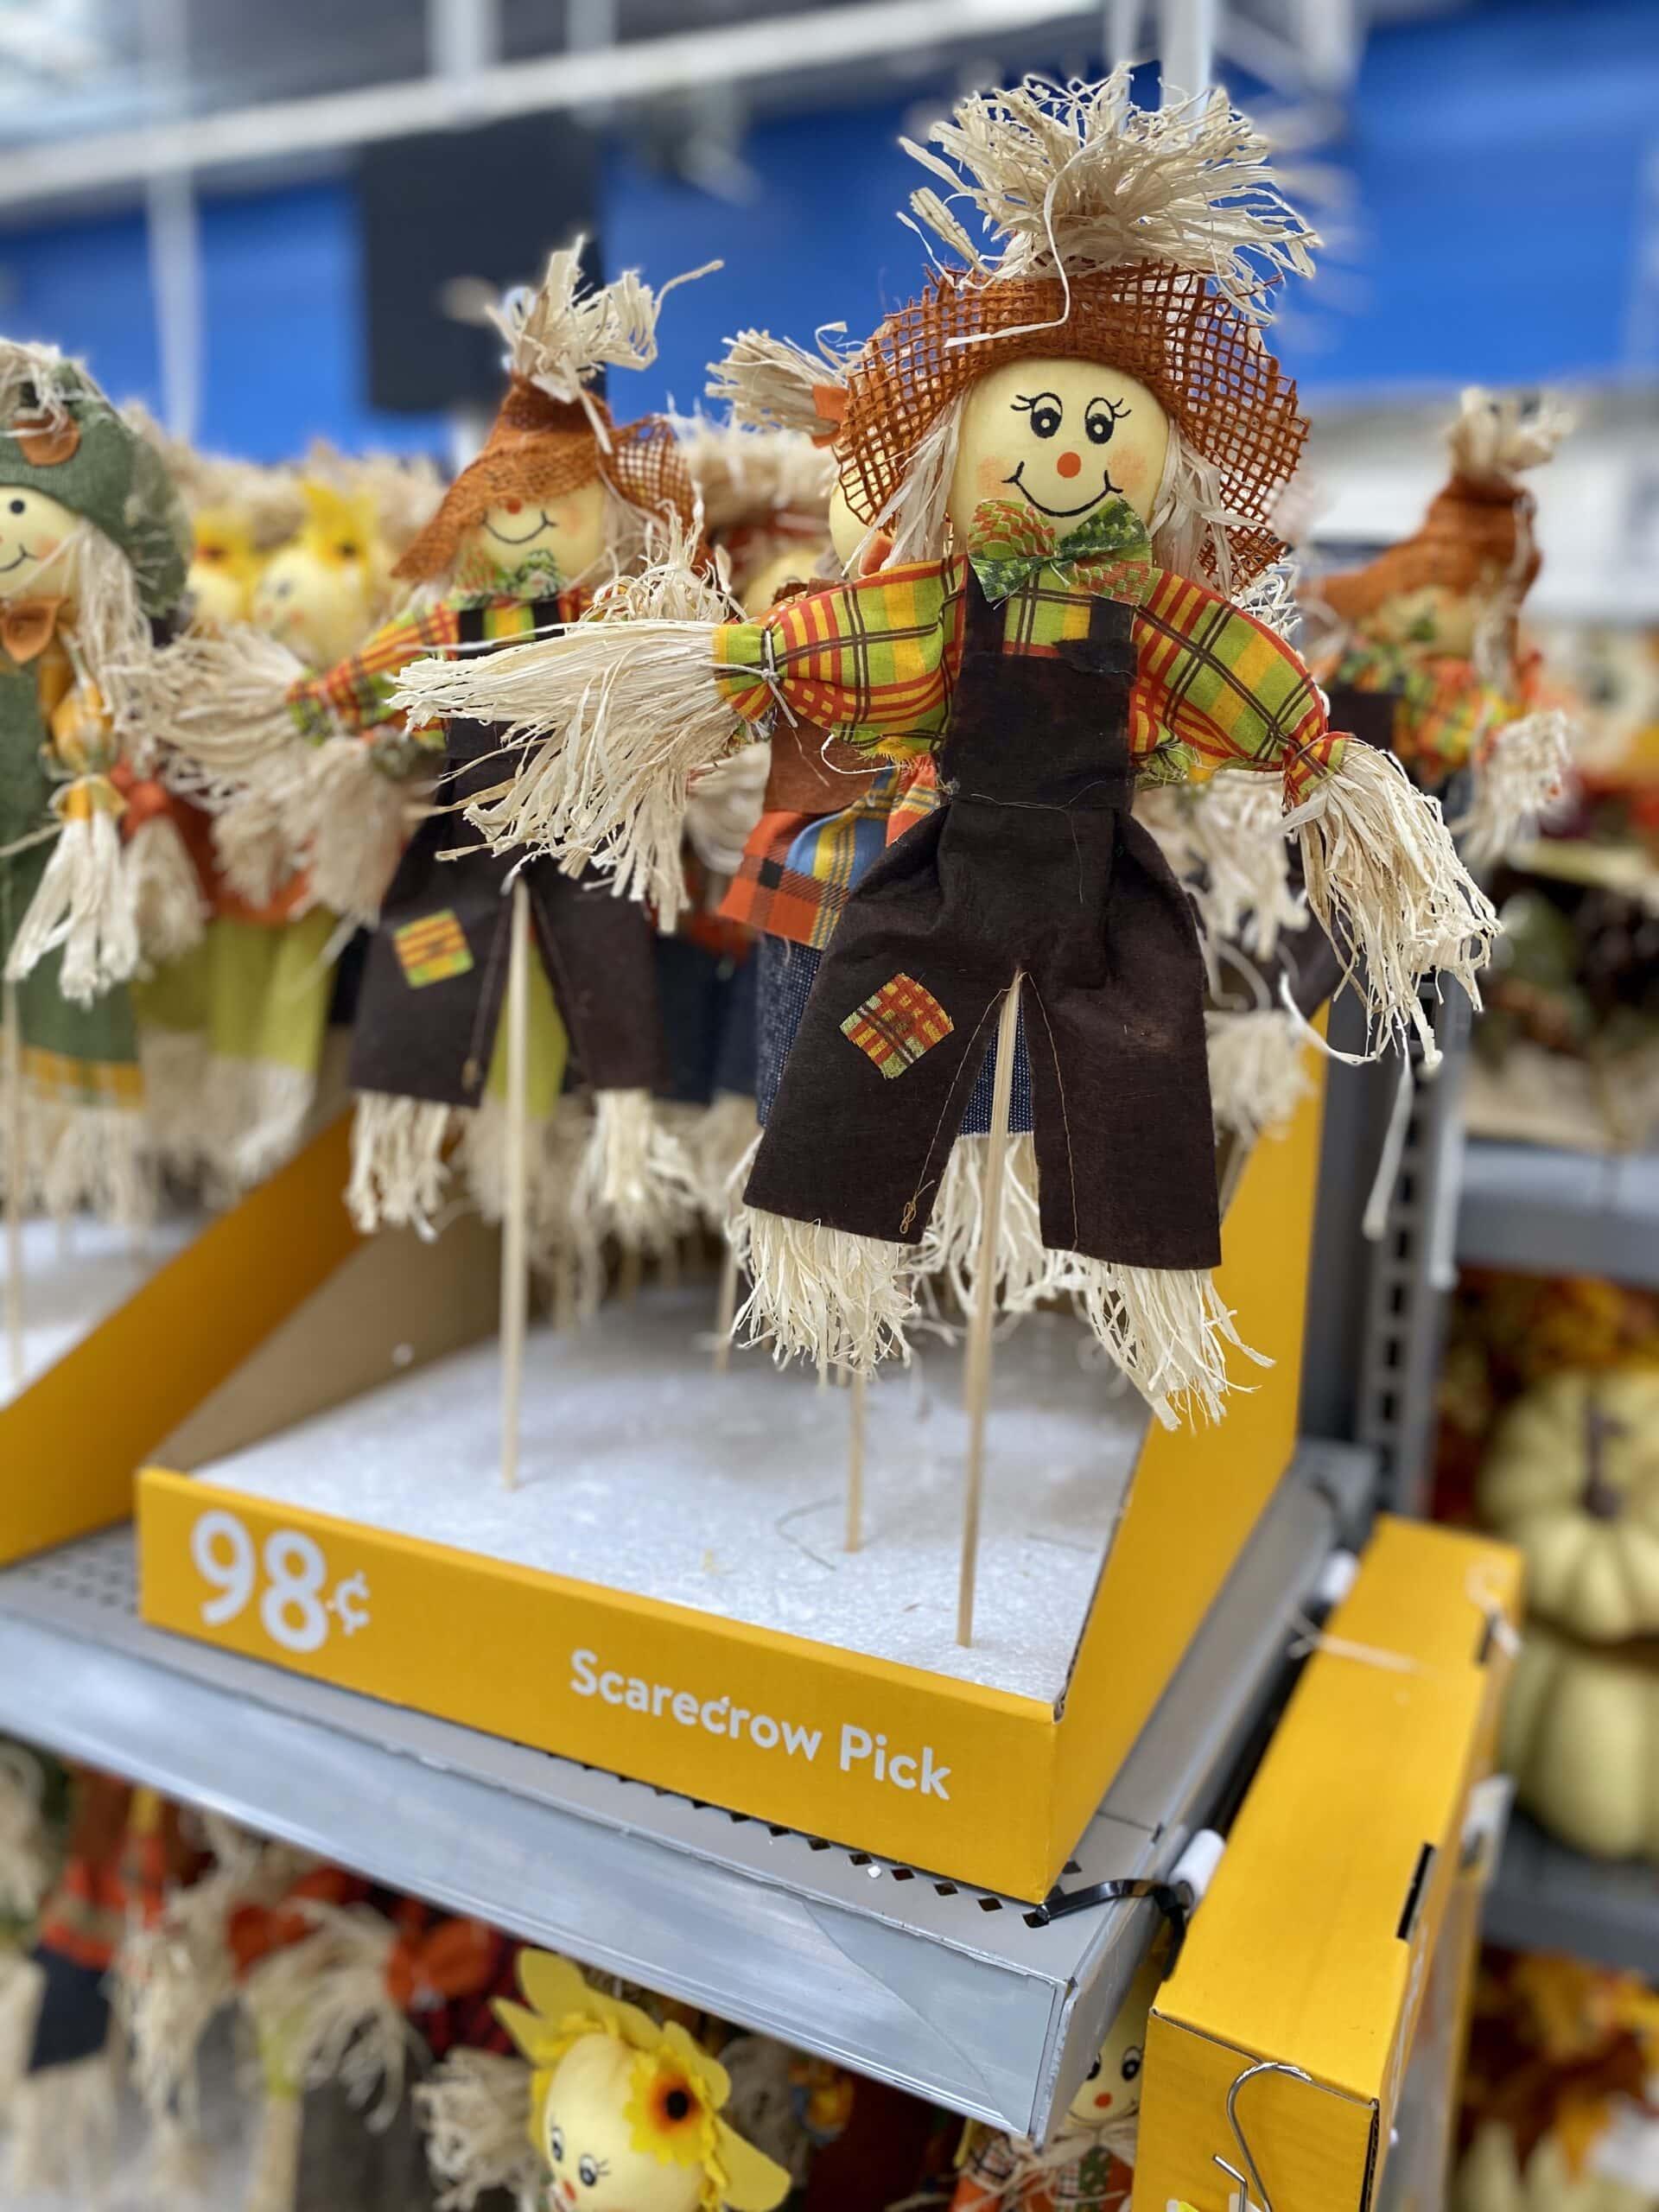 scarecrow - walmart fall decor